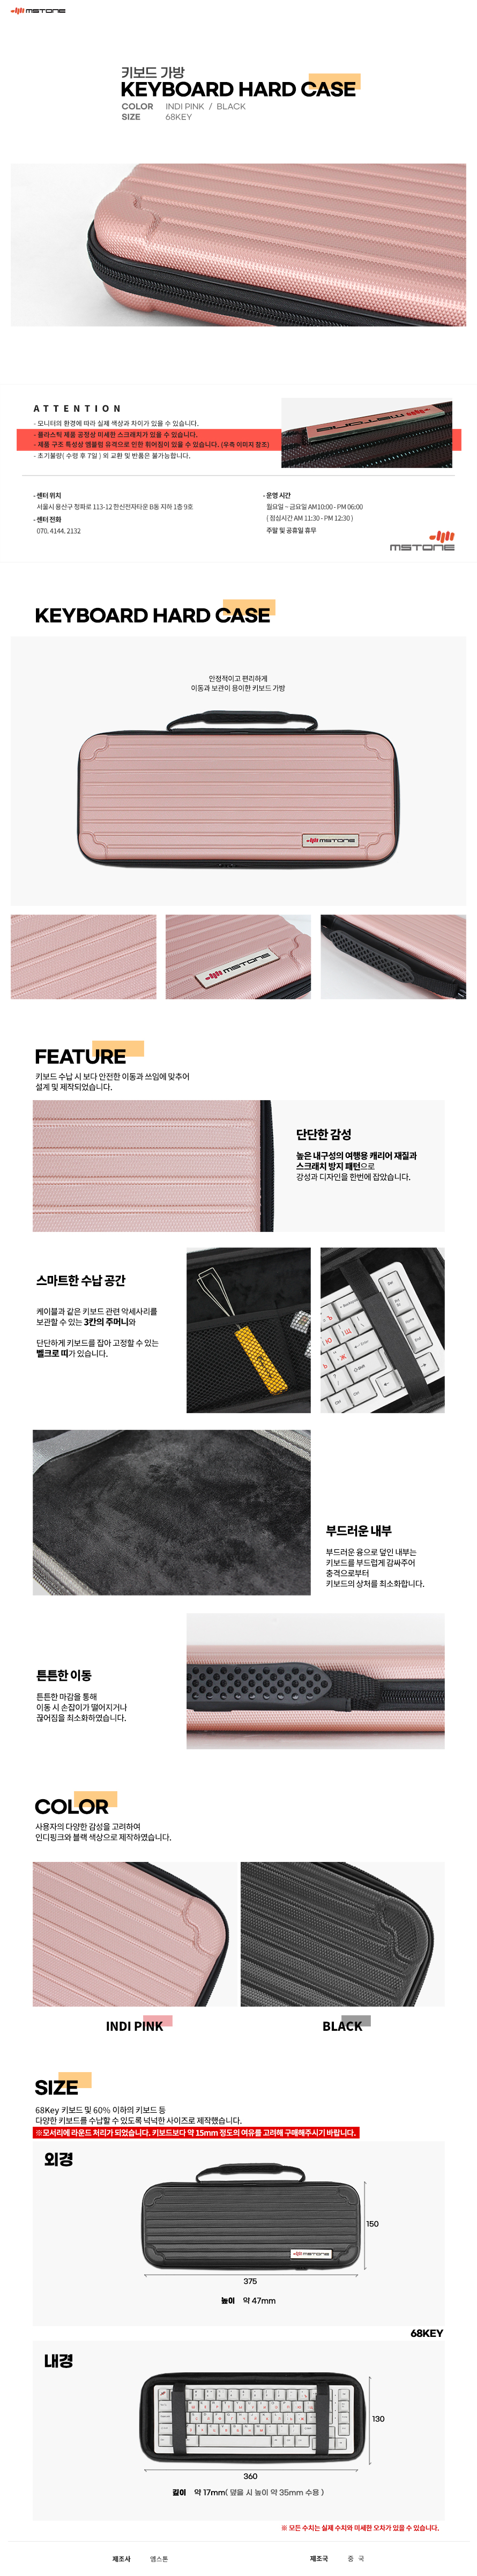 엠스톤글로벌 mStone 68 키보드 가방 (블랙)